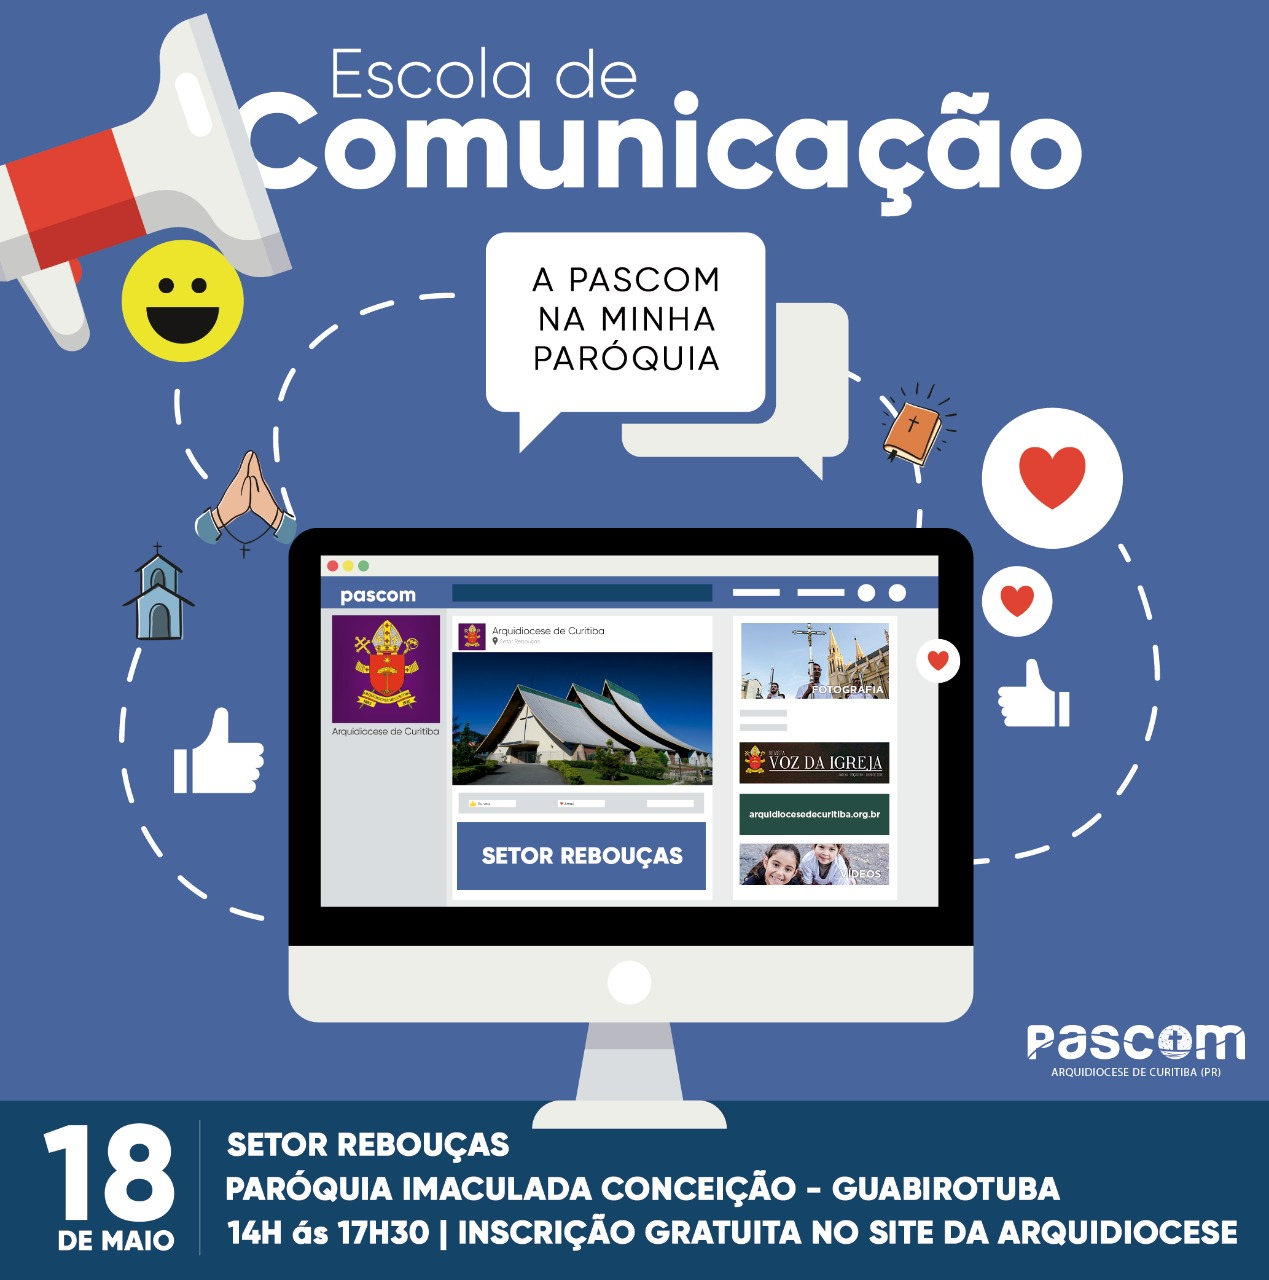 escola-comunicacao-reboucas